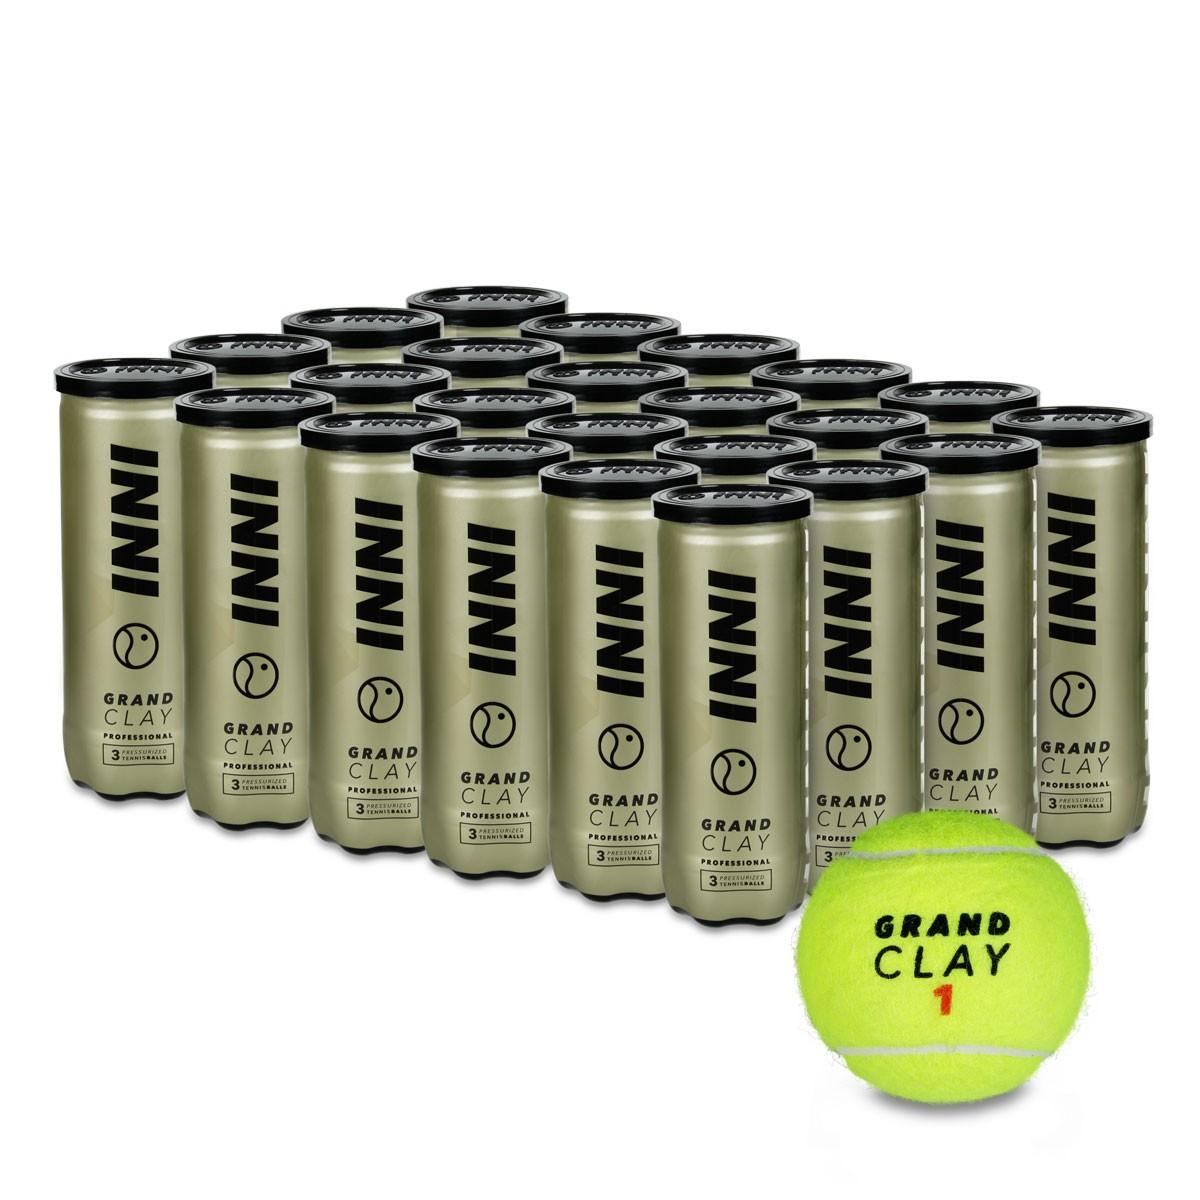 Bola de Tênis Inni Grand Clay - Caixa com 24 Tubos  - PROTENISTA